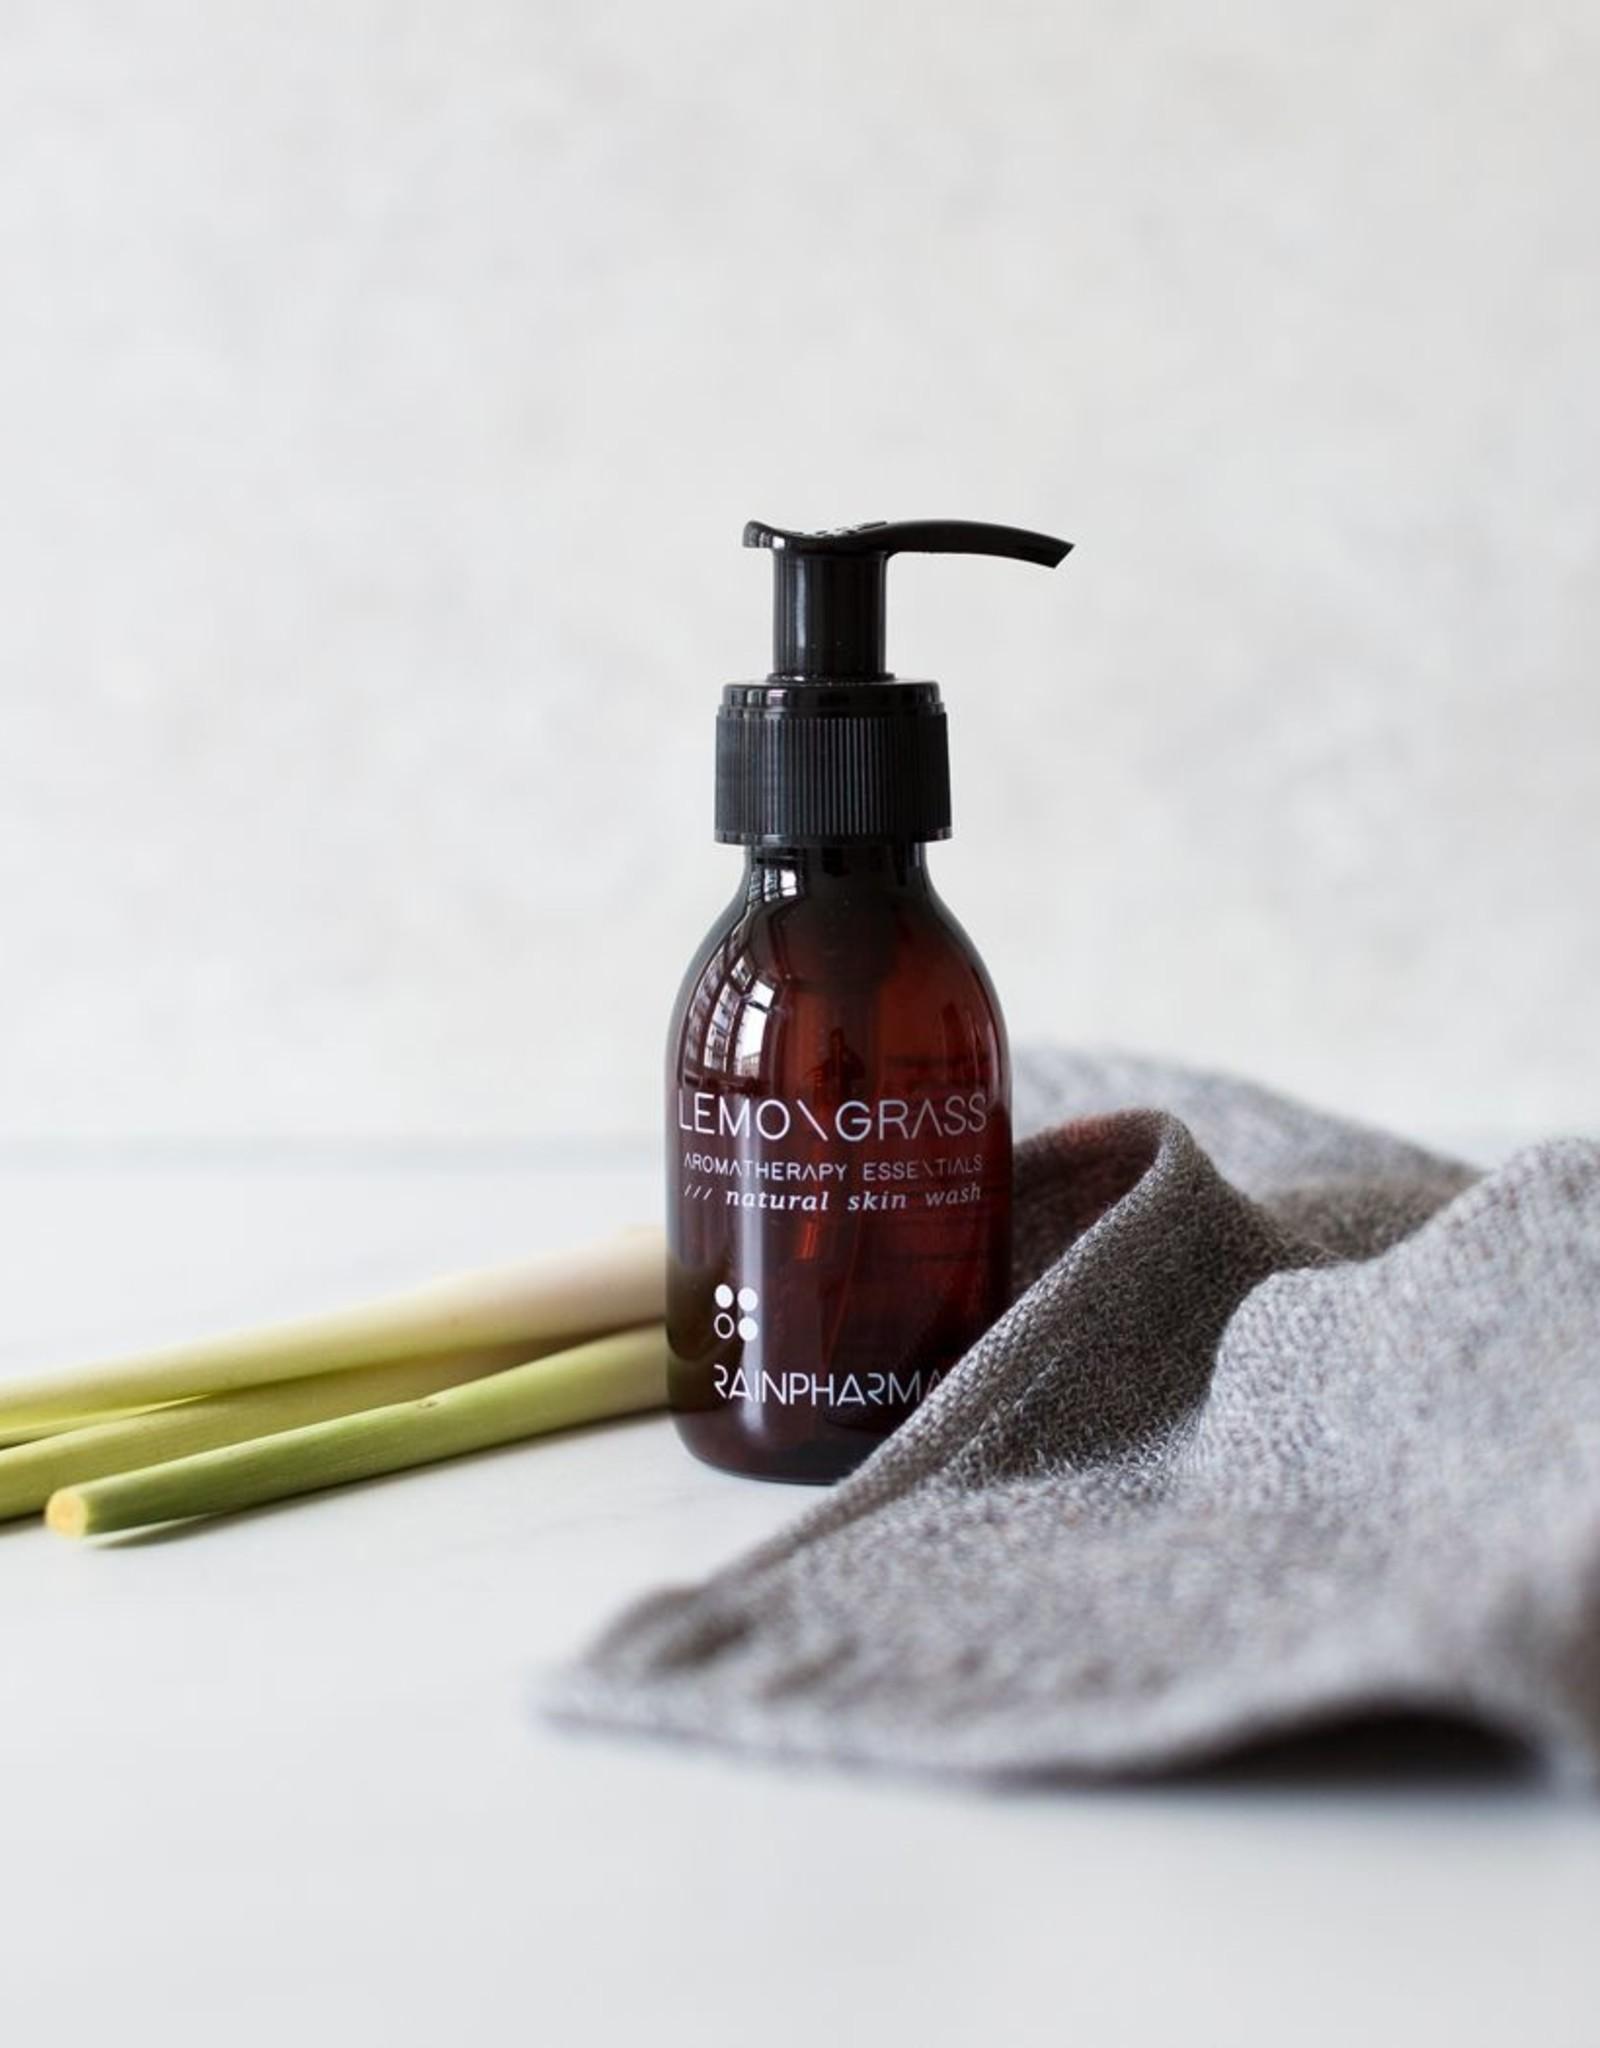 RainPharma Skin Wash Lemongrass 100ml - Rainpharma